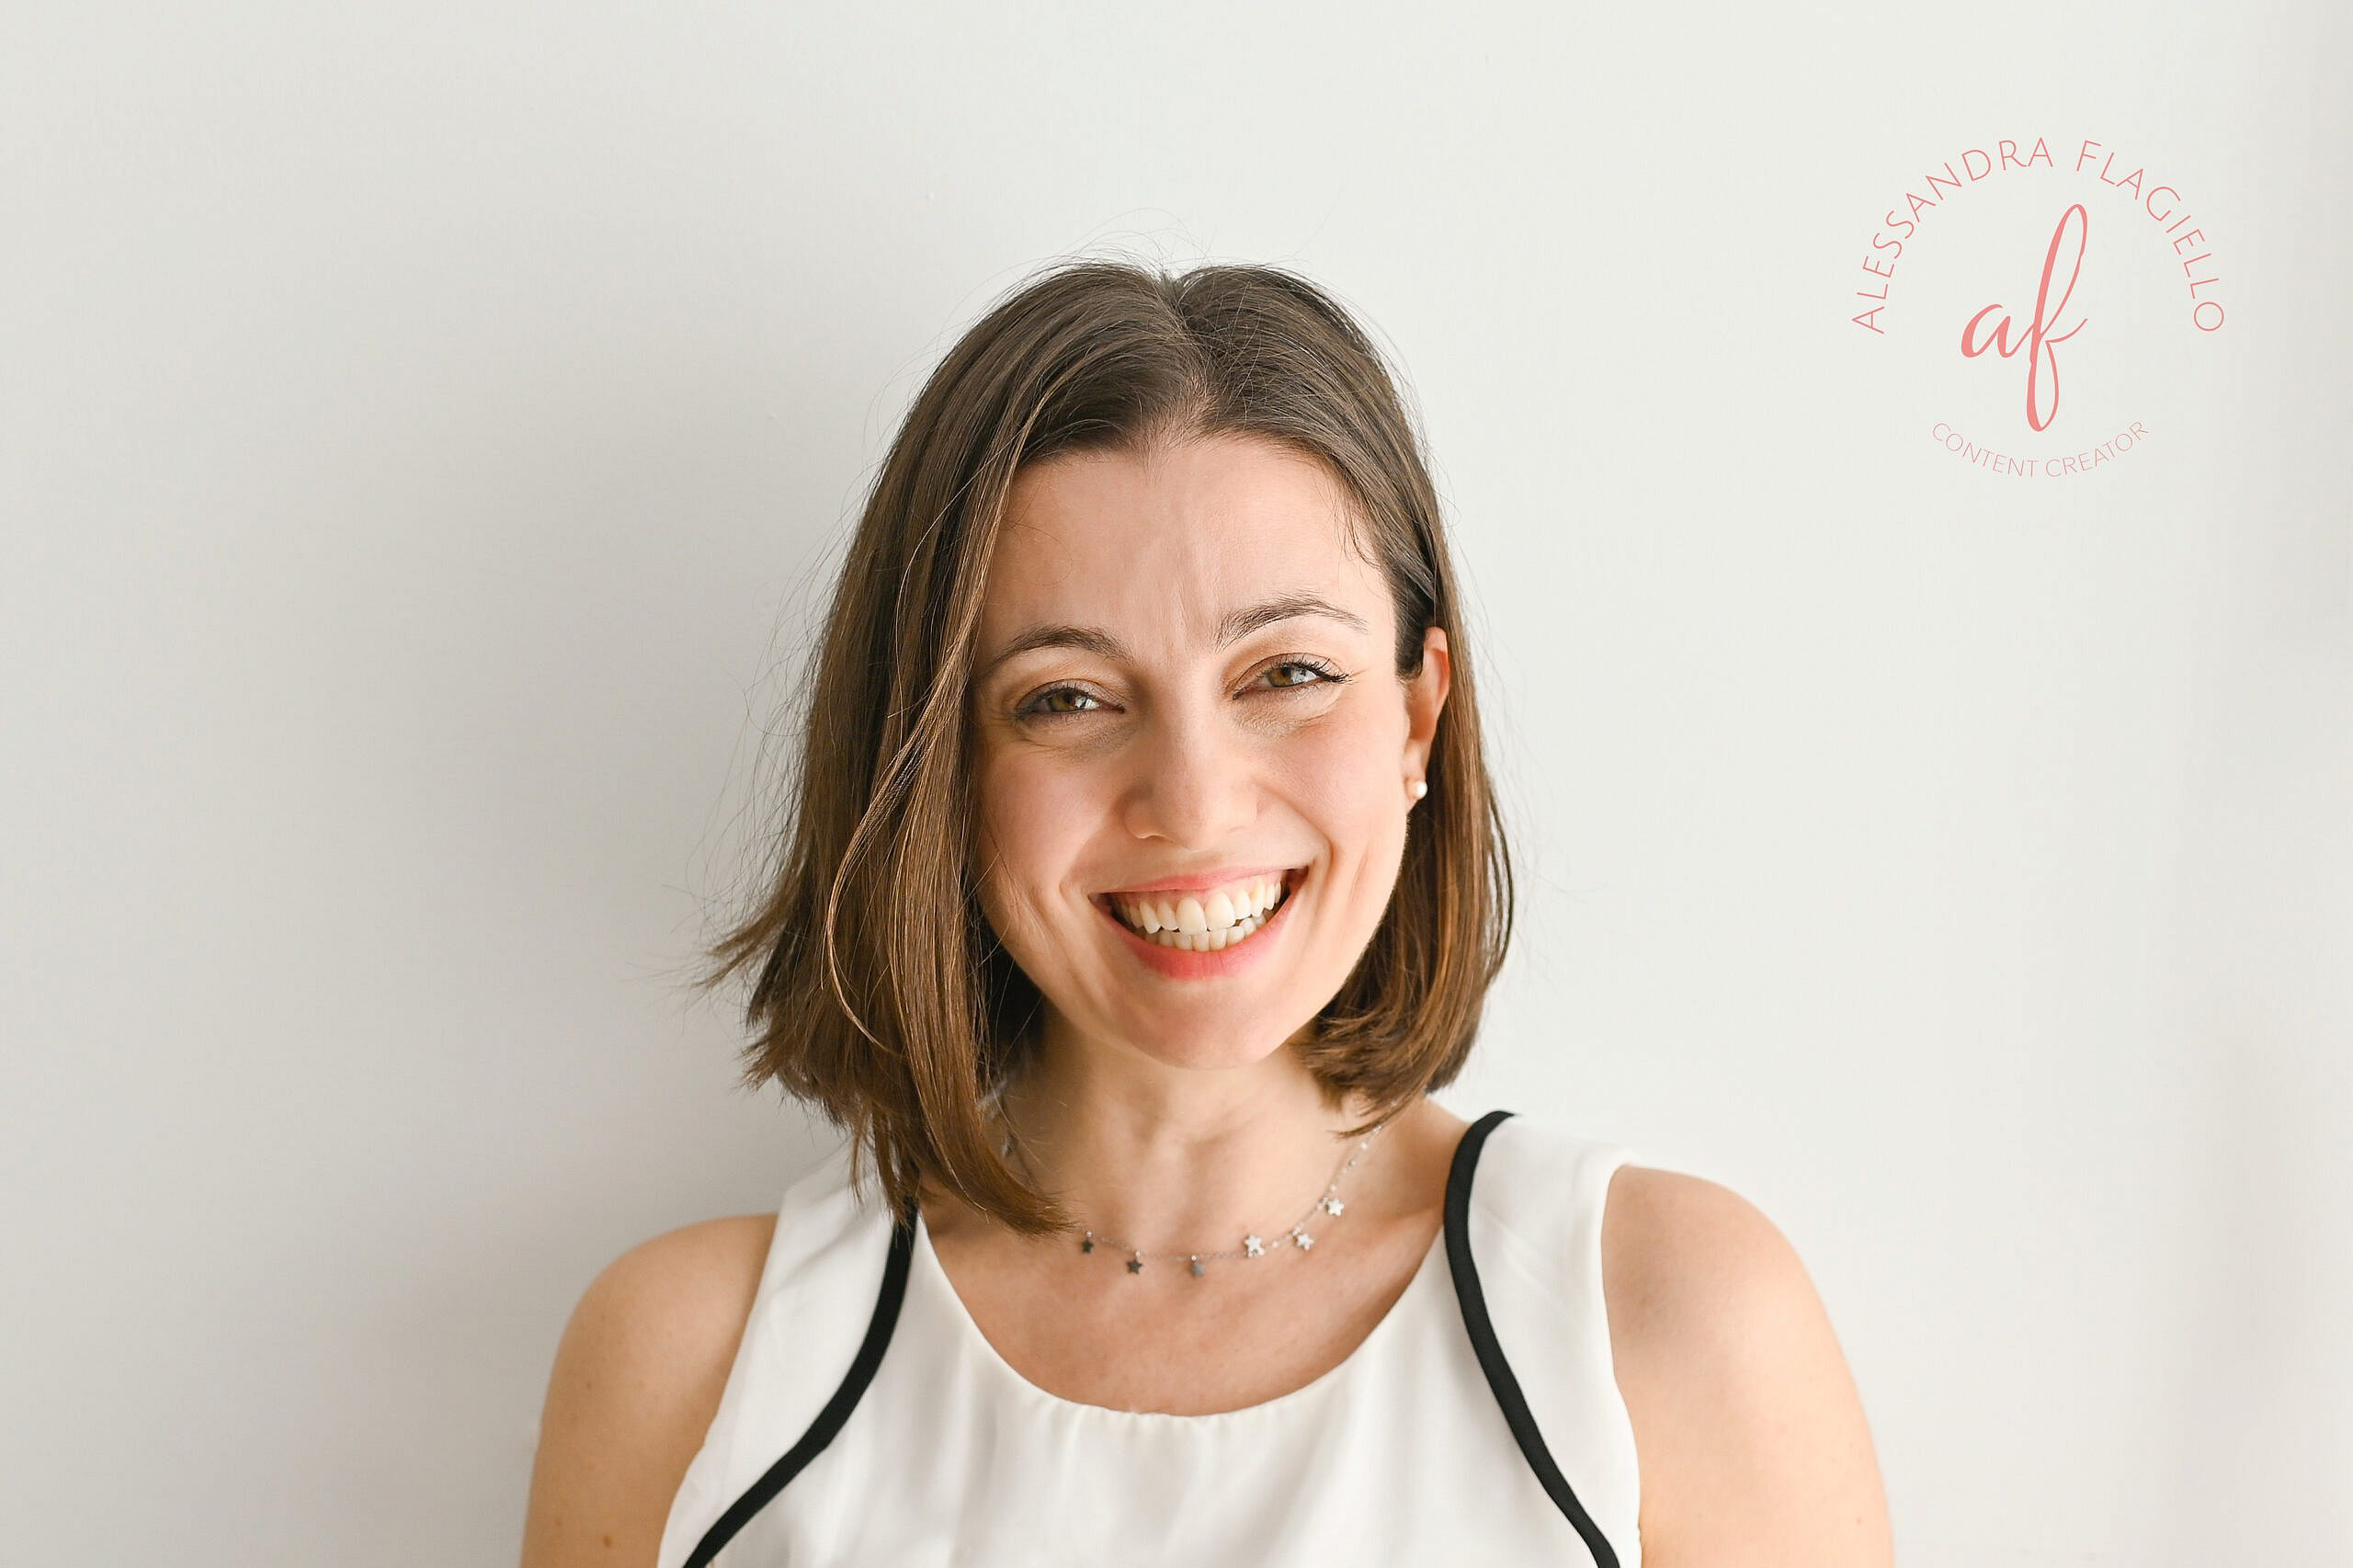 ALESSANDRA FLAGIELLO: SU NUEVO PROYECTO PERSONAL COMO CONTENT CREATOR